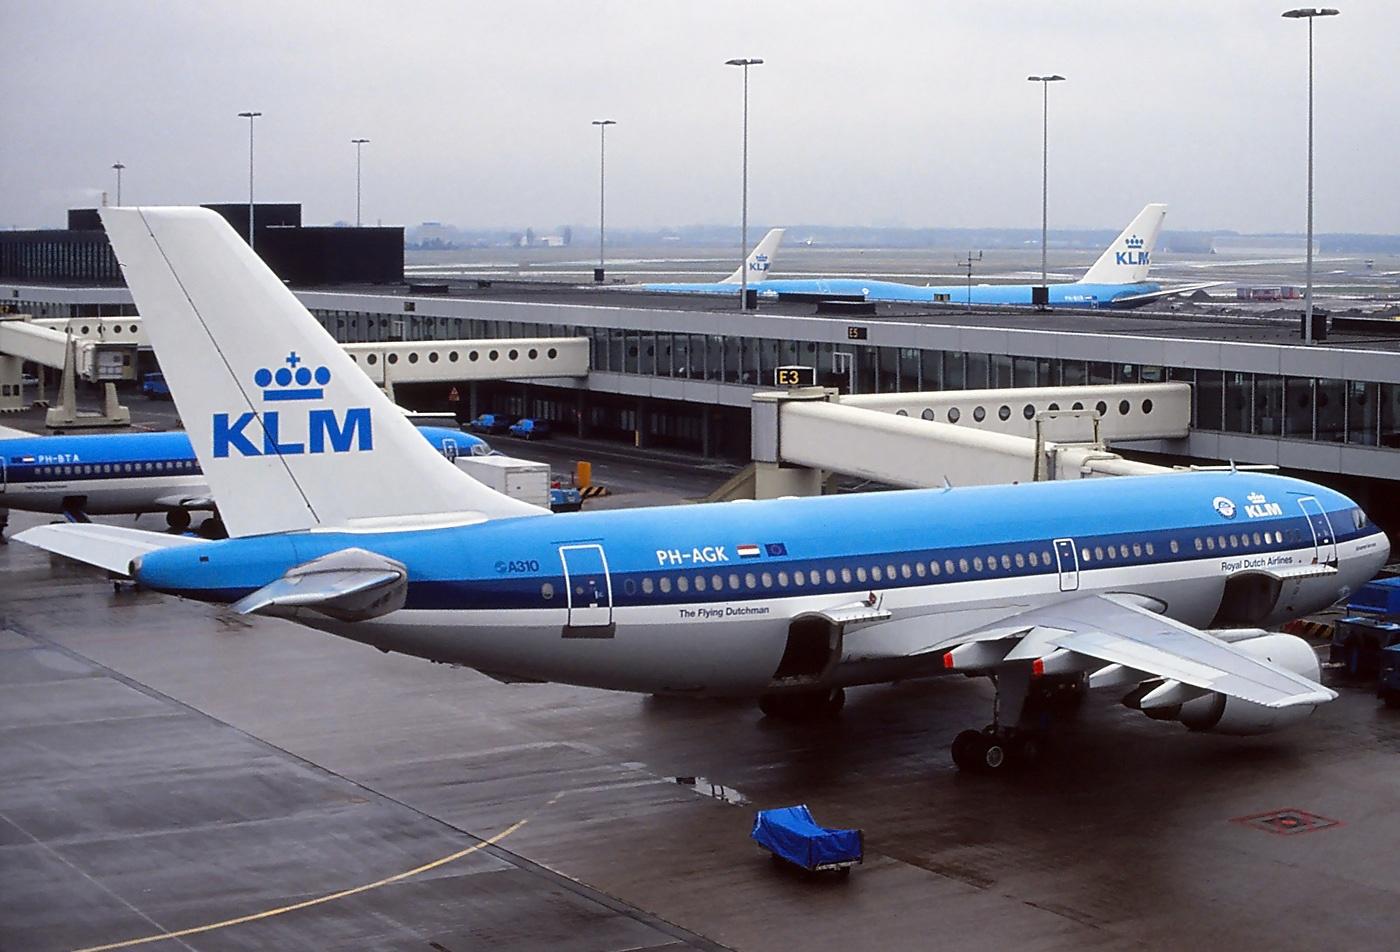 Минтранс требует от авиакомпаний хранить данные пассажиров в России